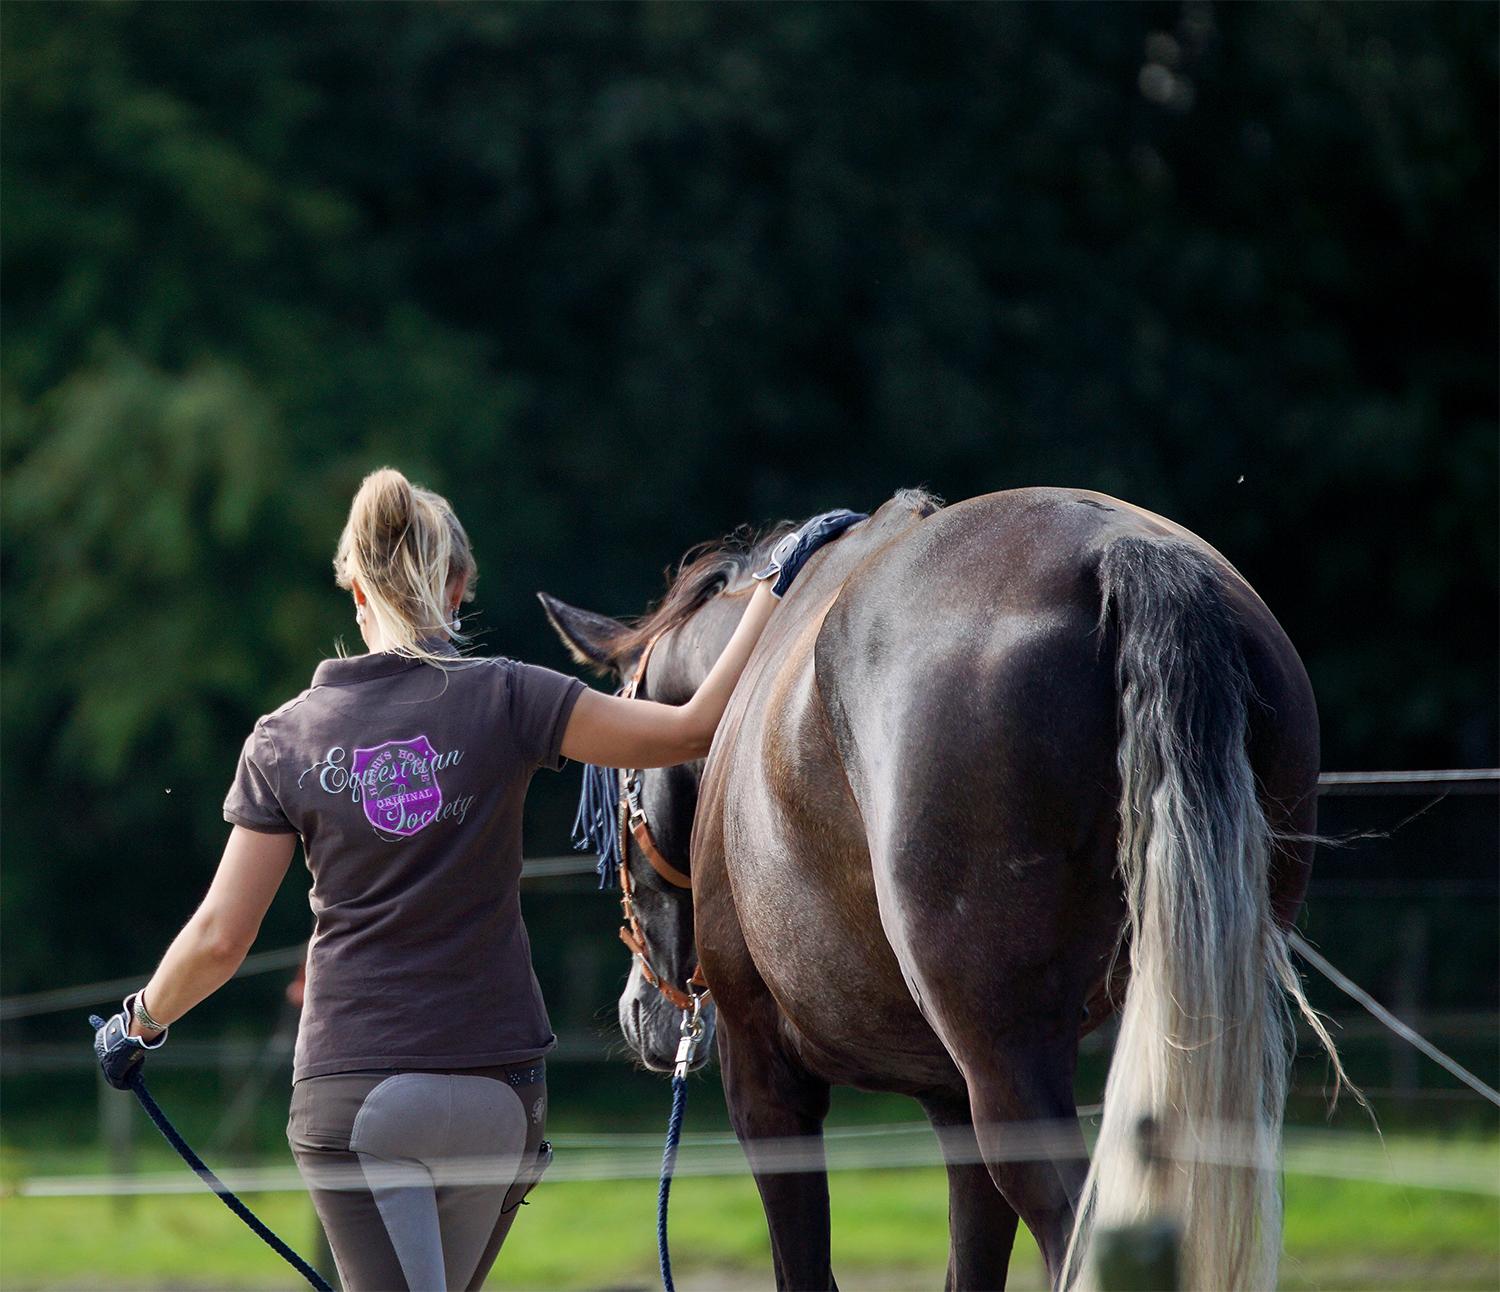 Equine Awareness Centre Merel Burggraaf lolmetjeknol paard paarden